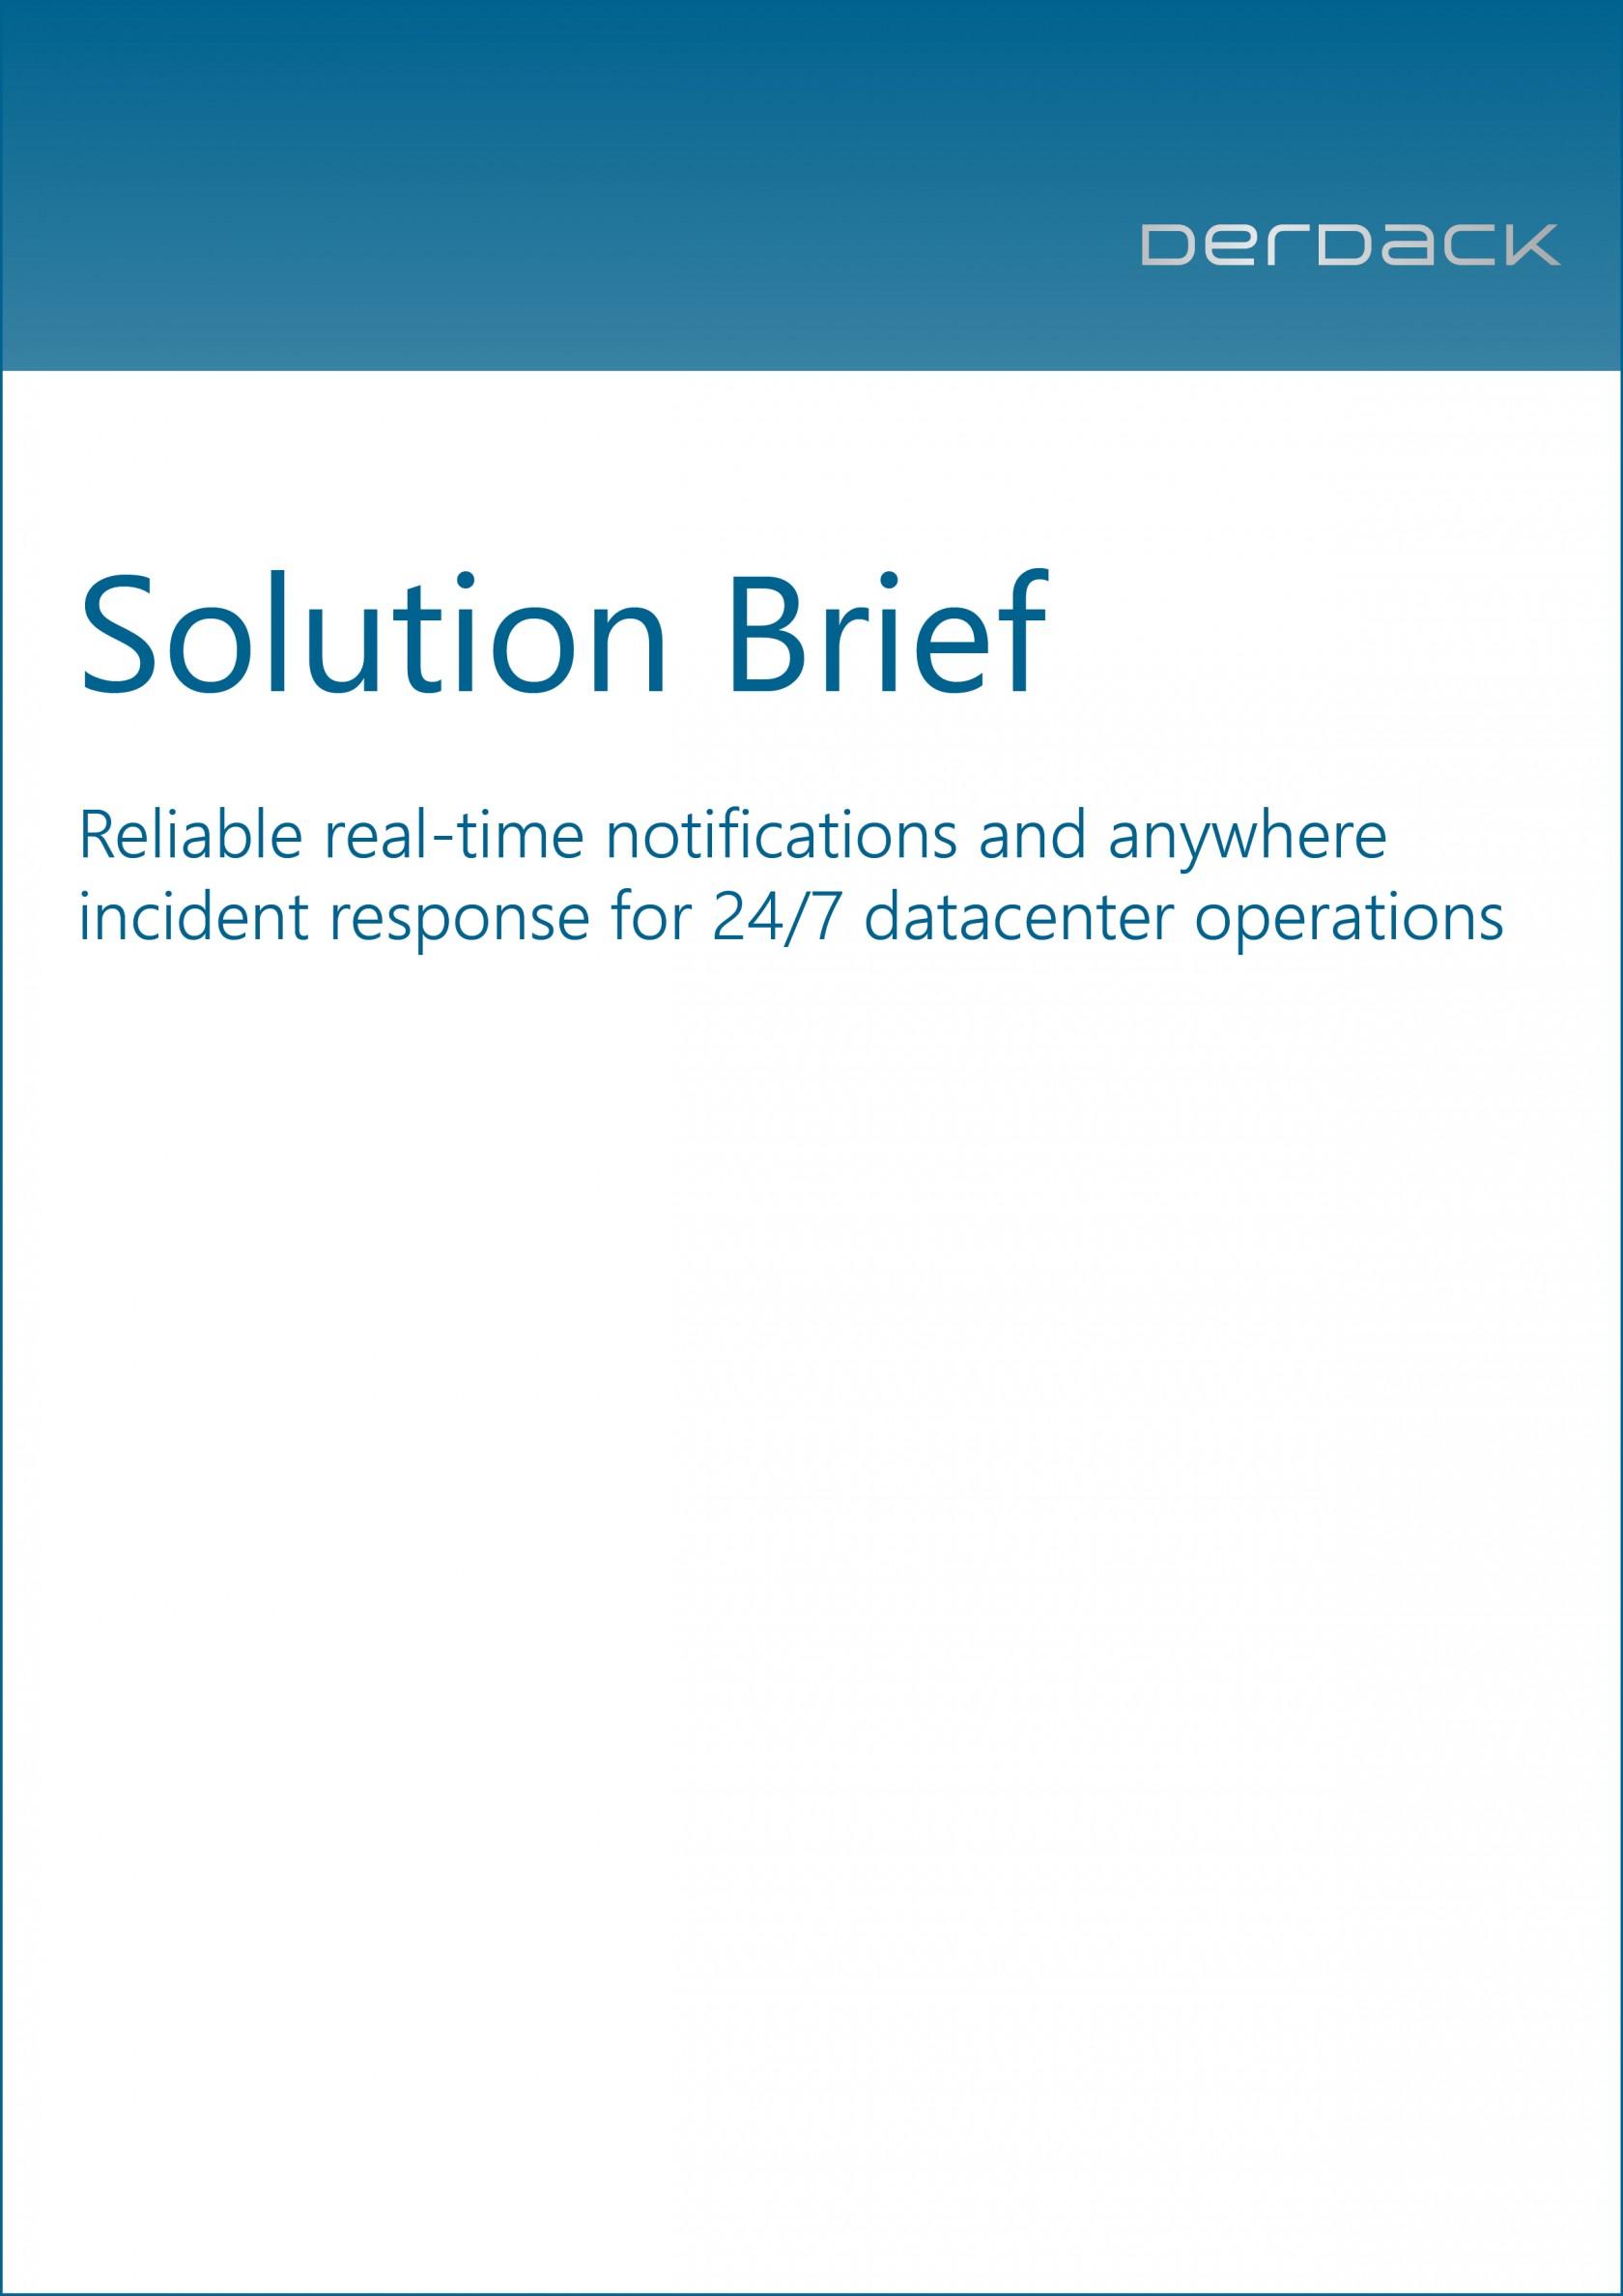 Titel_Solution_Brief_0